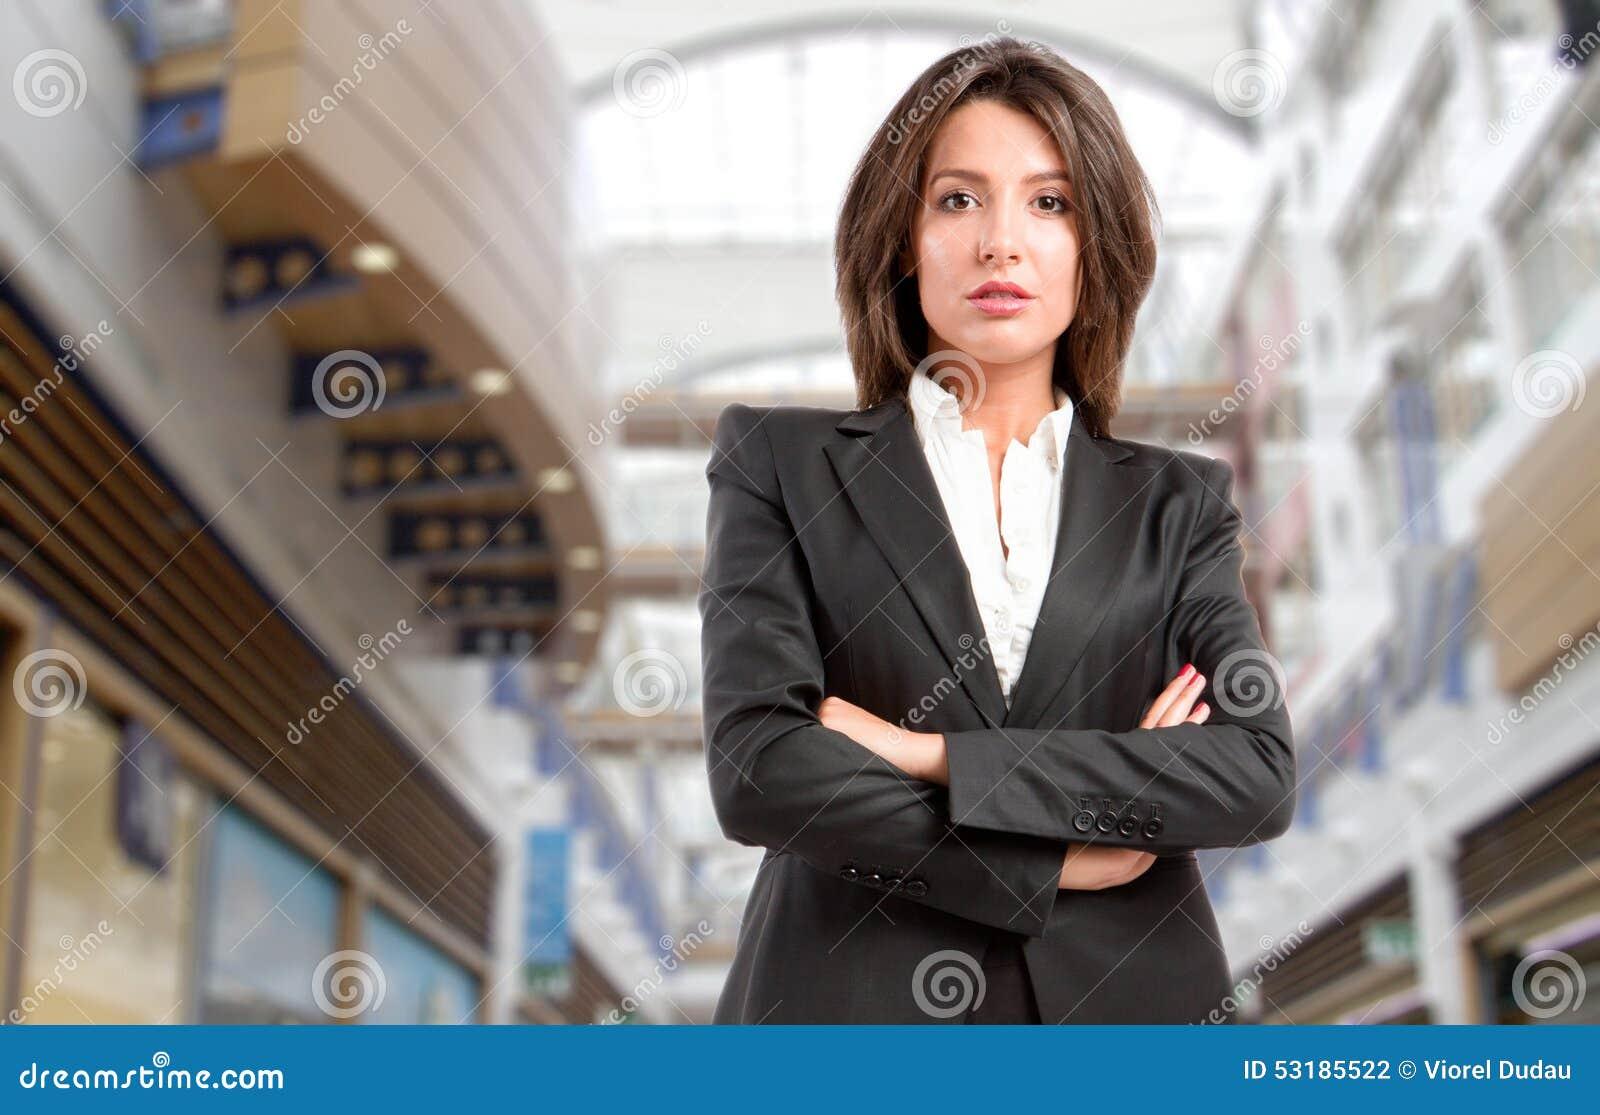 Cherche femme d'affaire